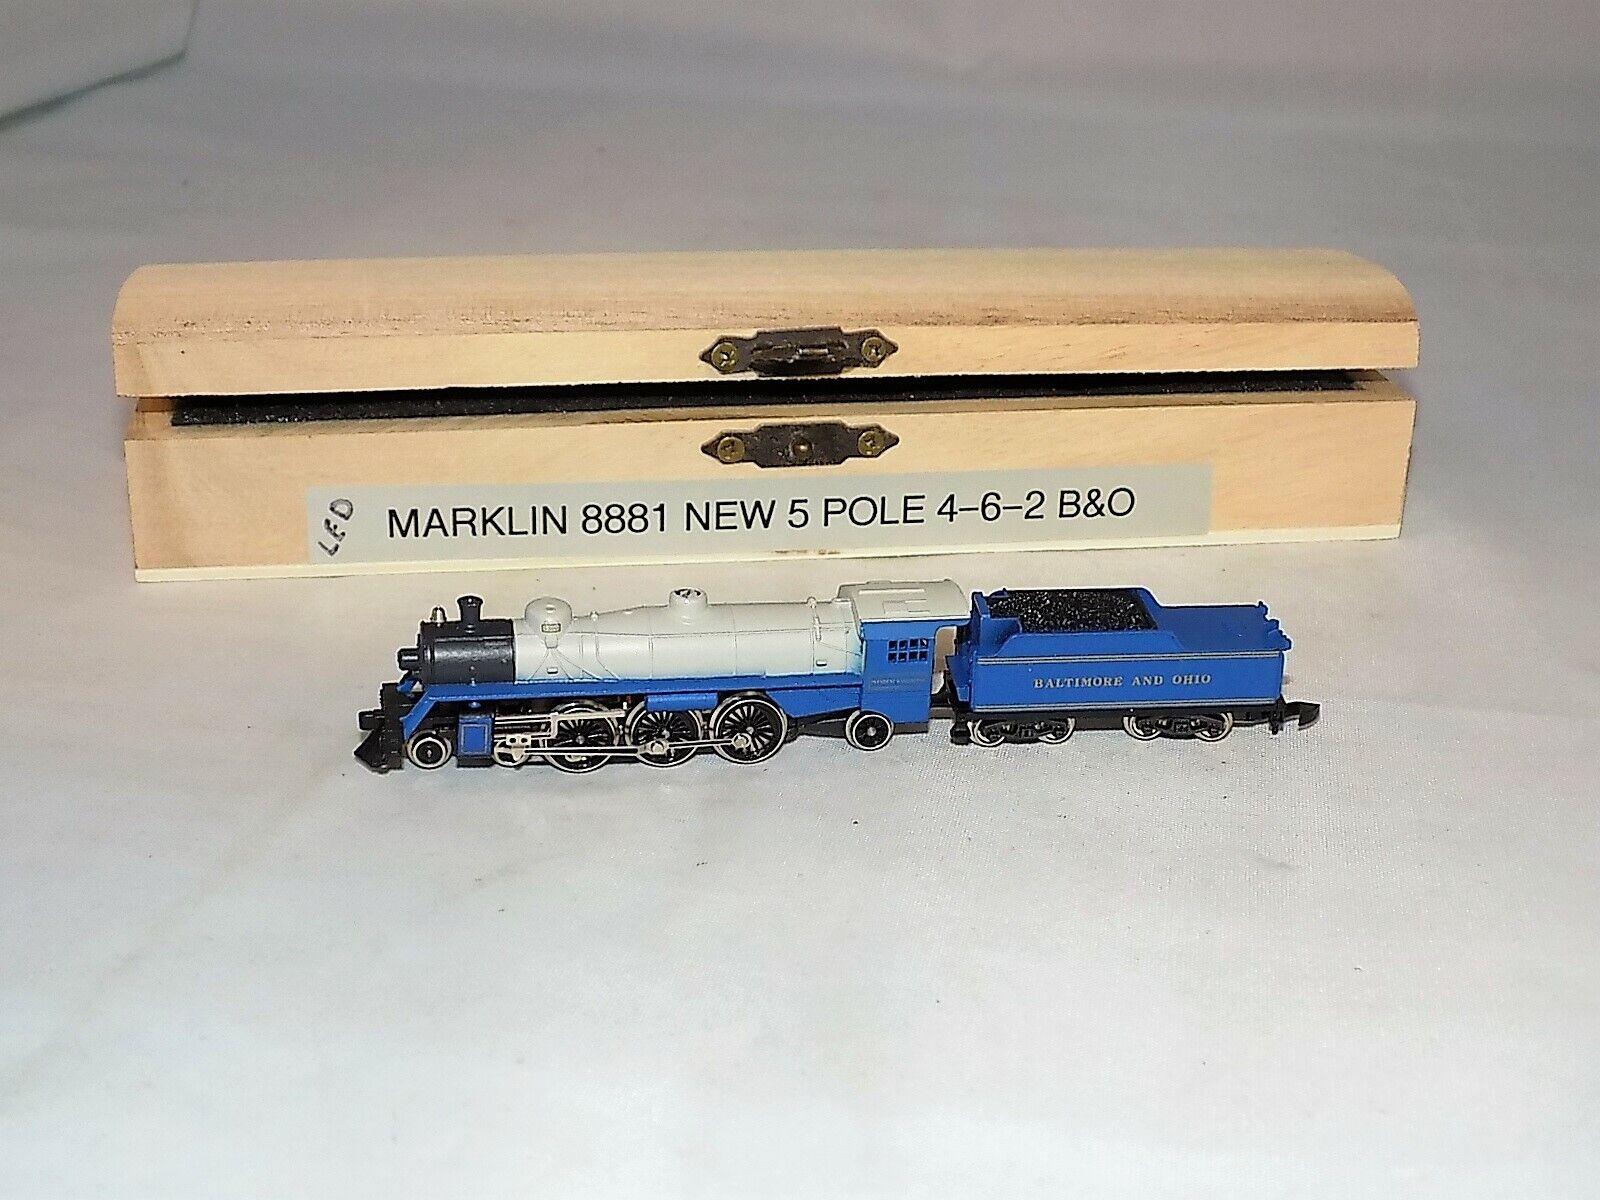 Z Escala Marklin 8881 Pacific 4 6 2 B&o Locomotora y Tender Nuevo 5 Polo Motor